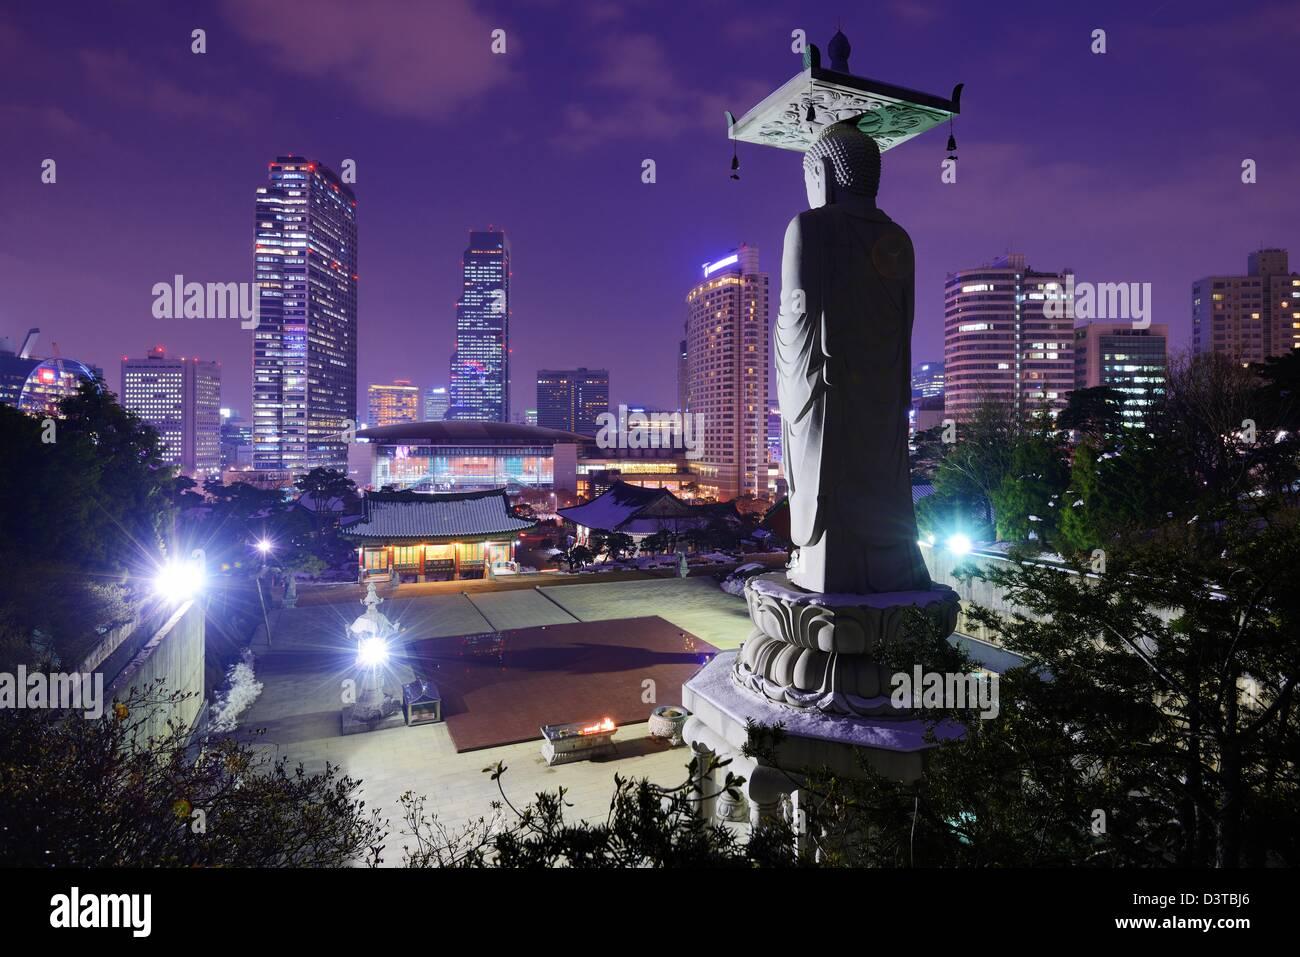 Bongeunsa Temple dans le quartier de Gangnam de Séoul, Corée. Photo Stock